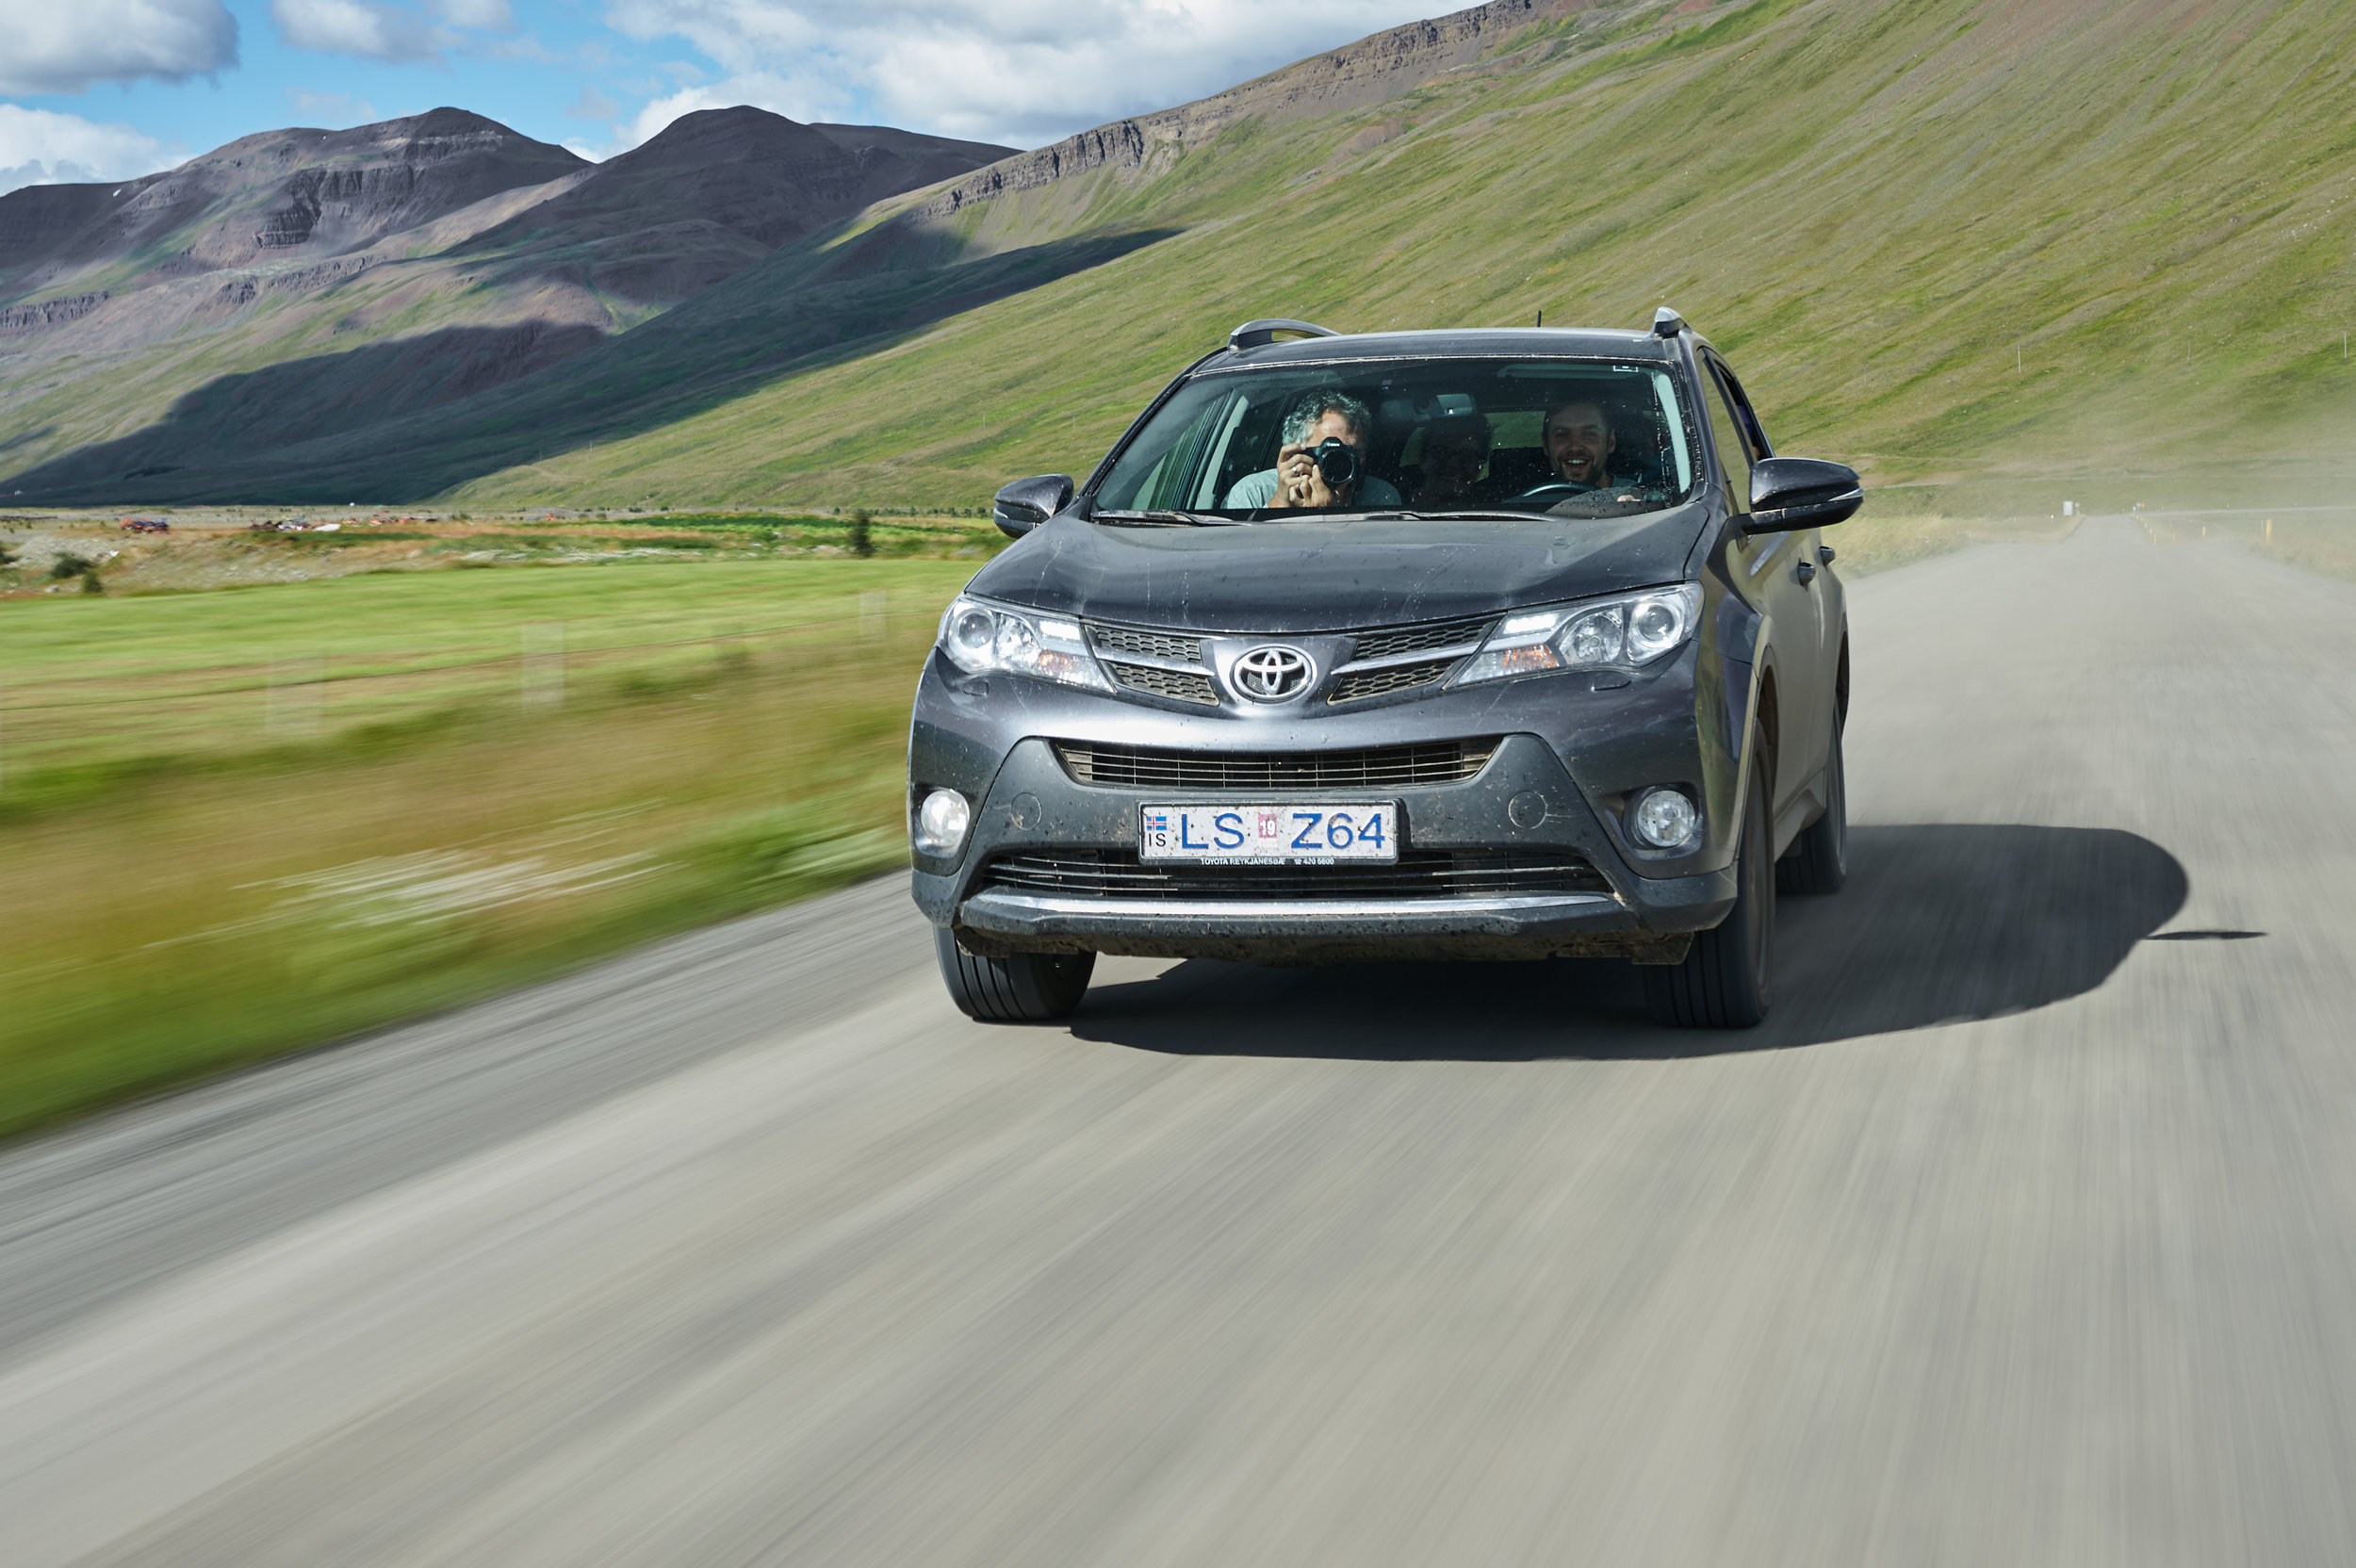 IJsland-Car2Car-shots-1.jpg